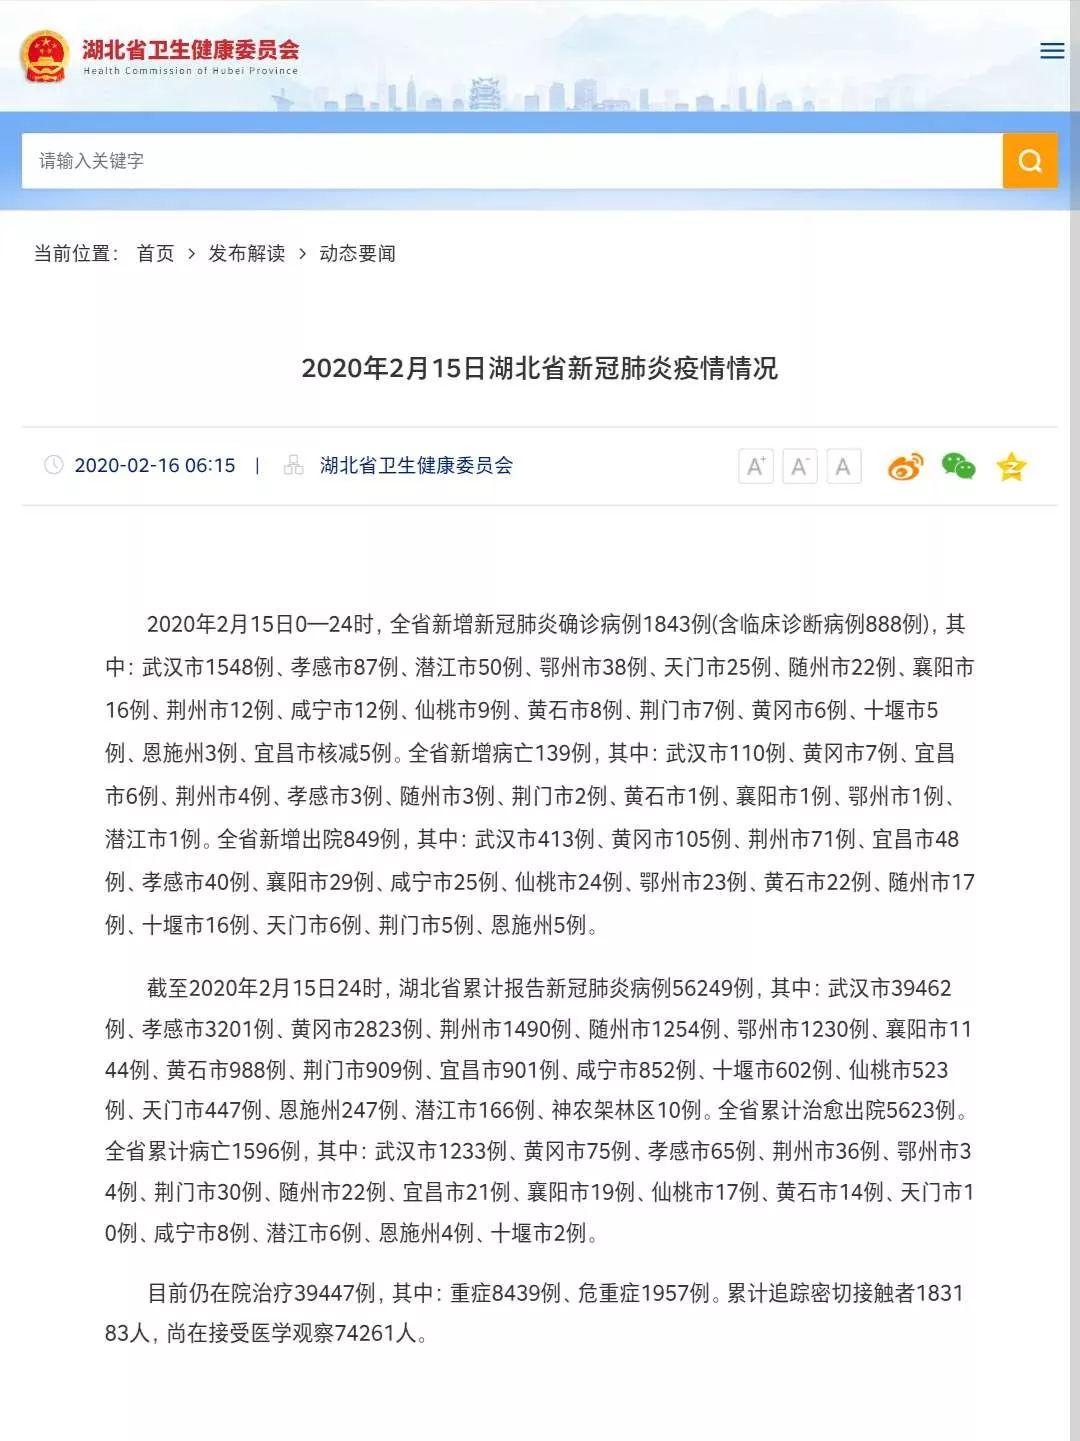 湖北省新冠肺炎疫情情況 疑似病例首次未見通報中圖片